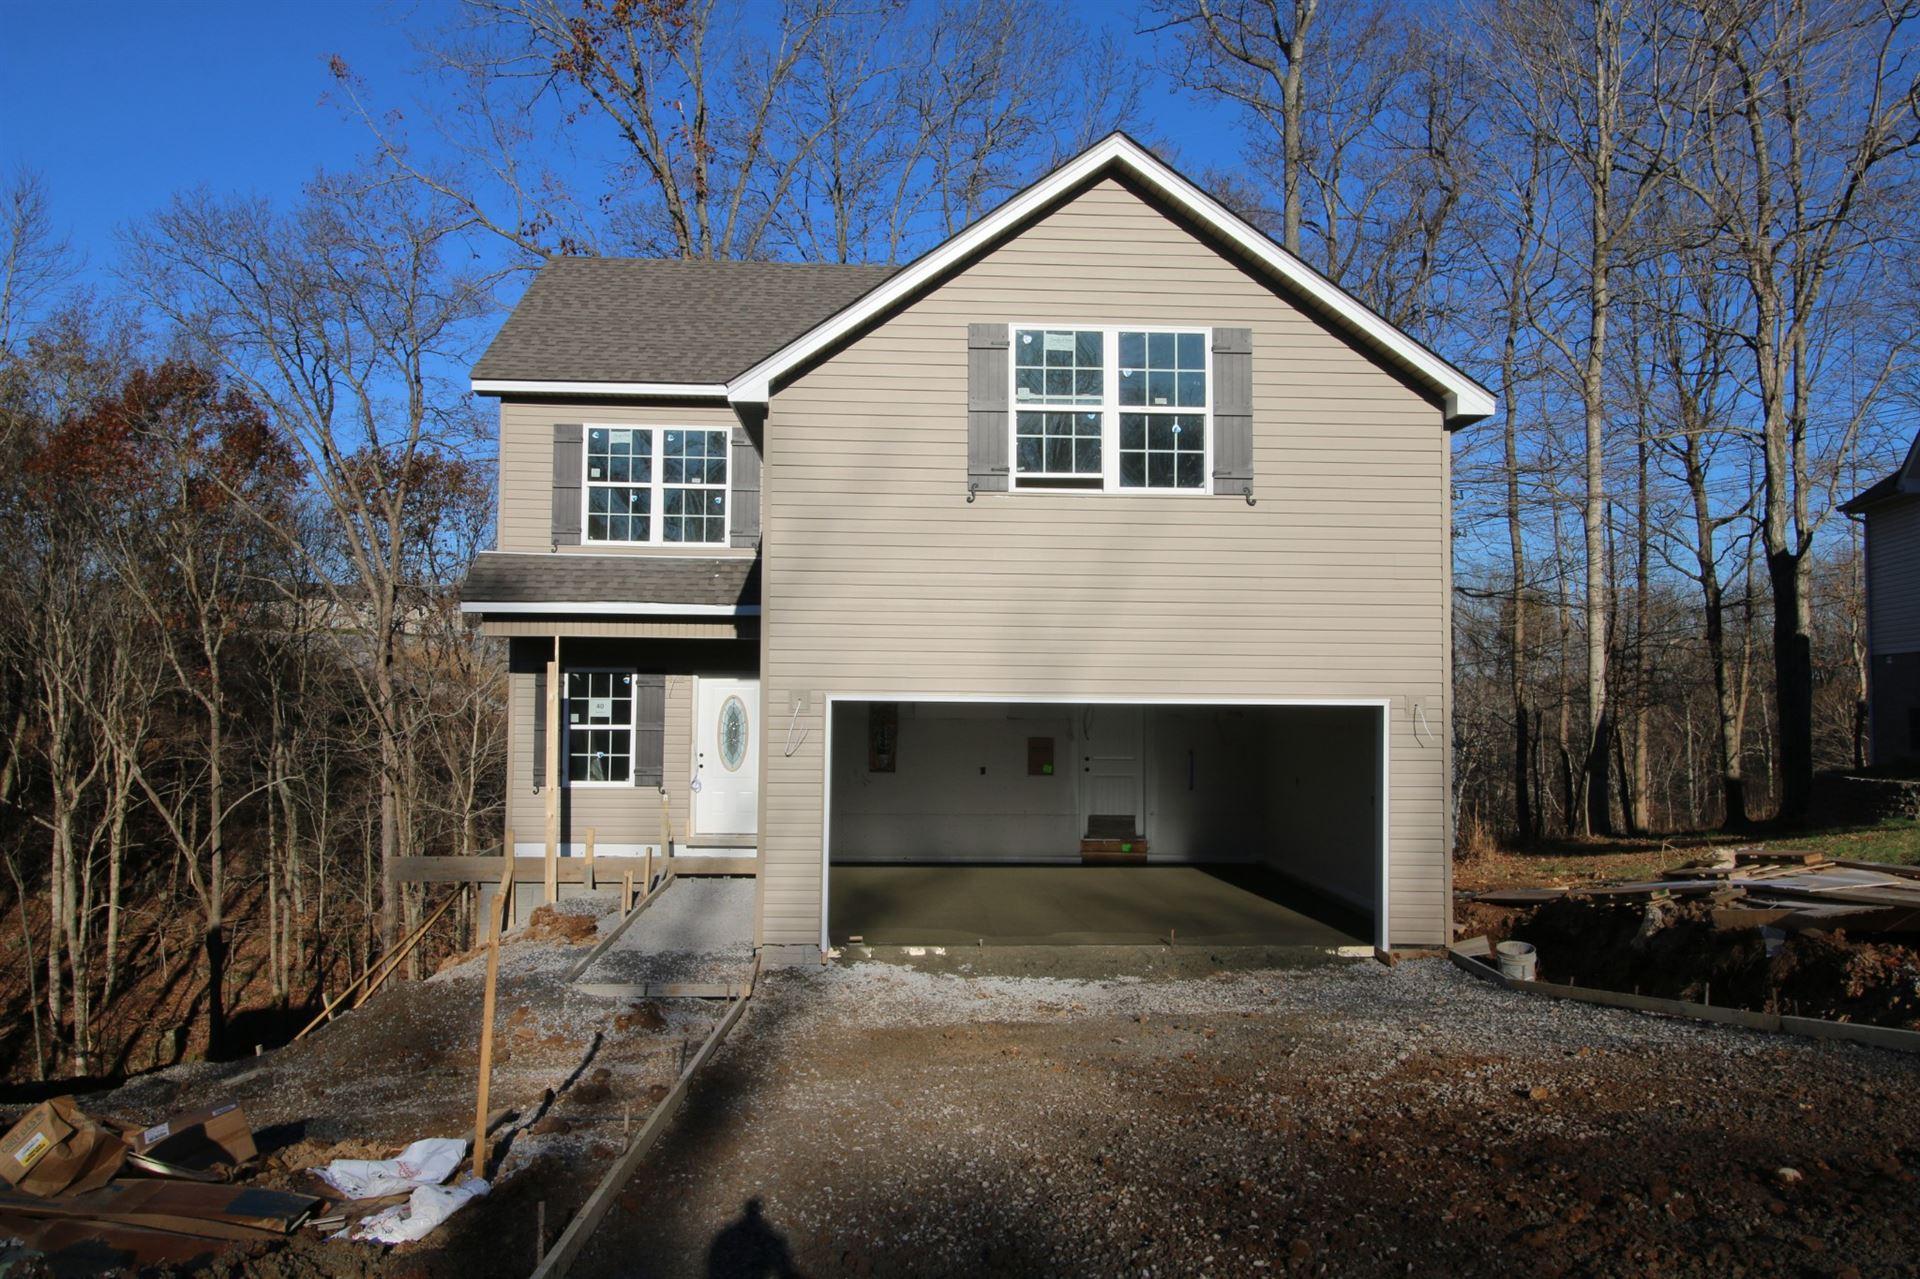 40 Chalet Hills, Clarksville, TN 37040 - MLS#: 2189617